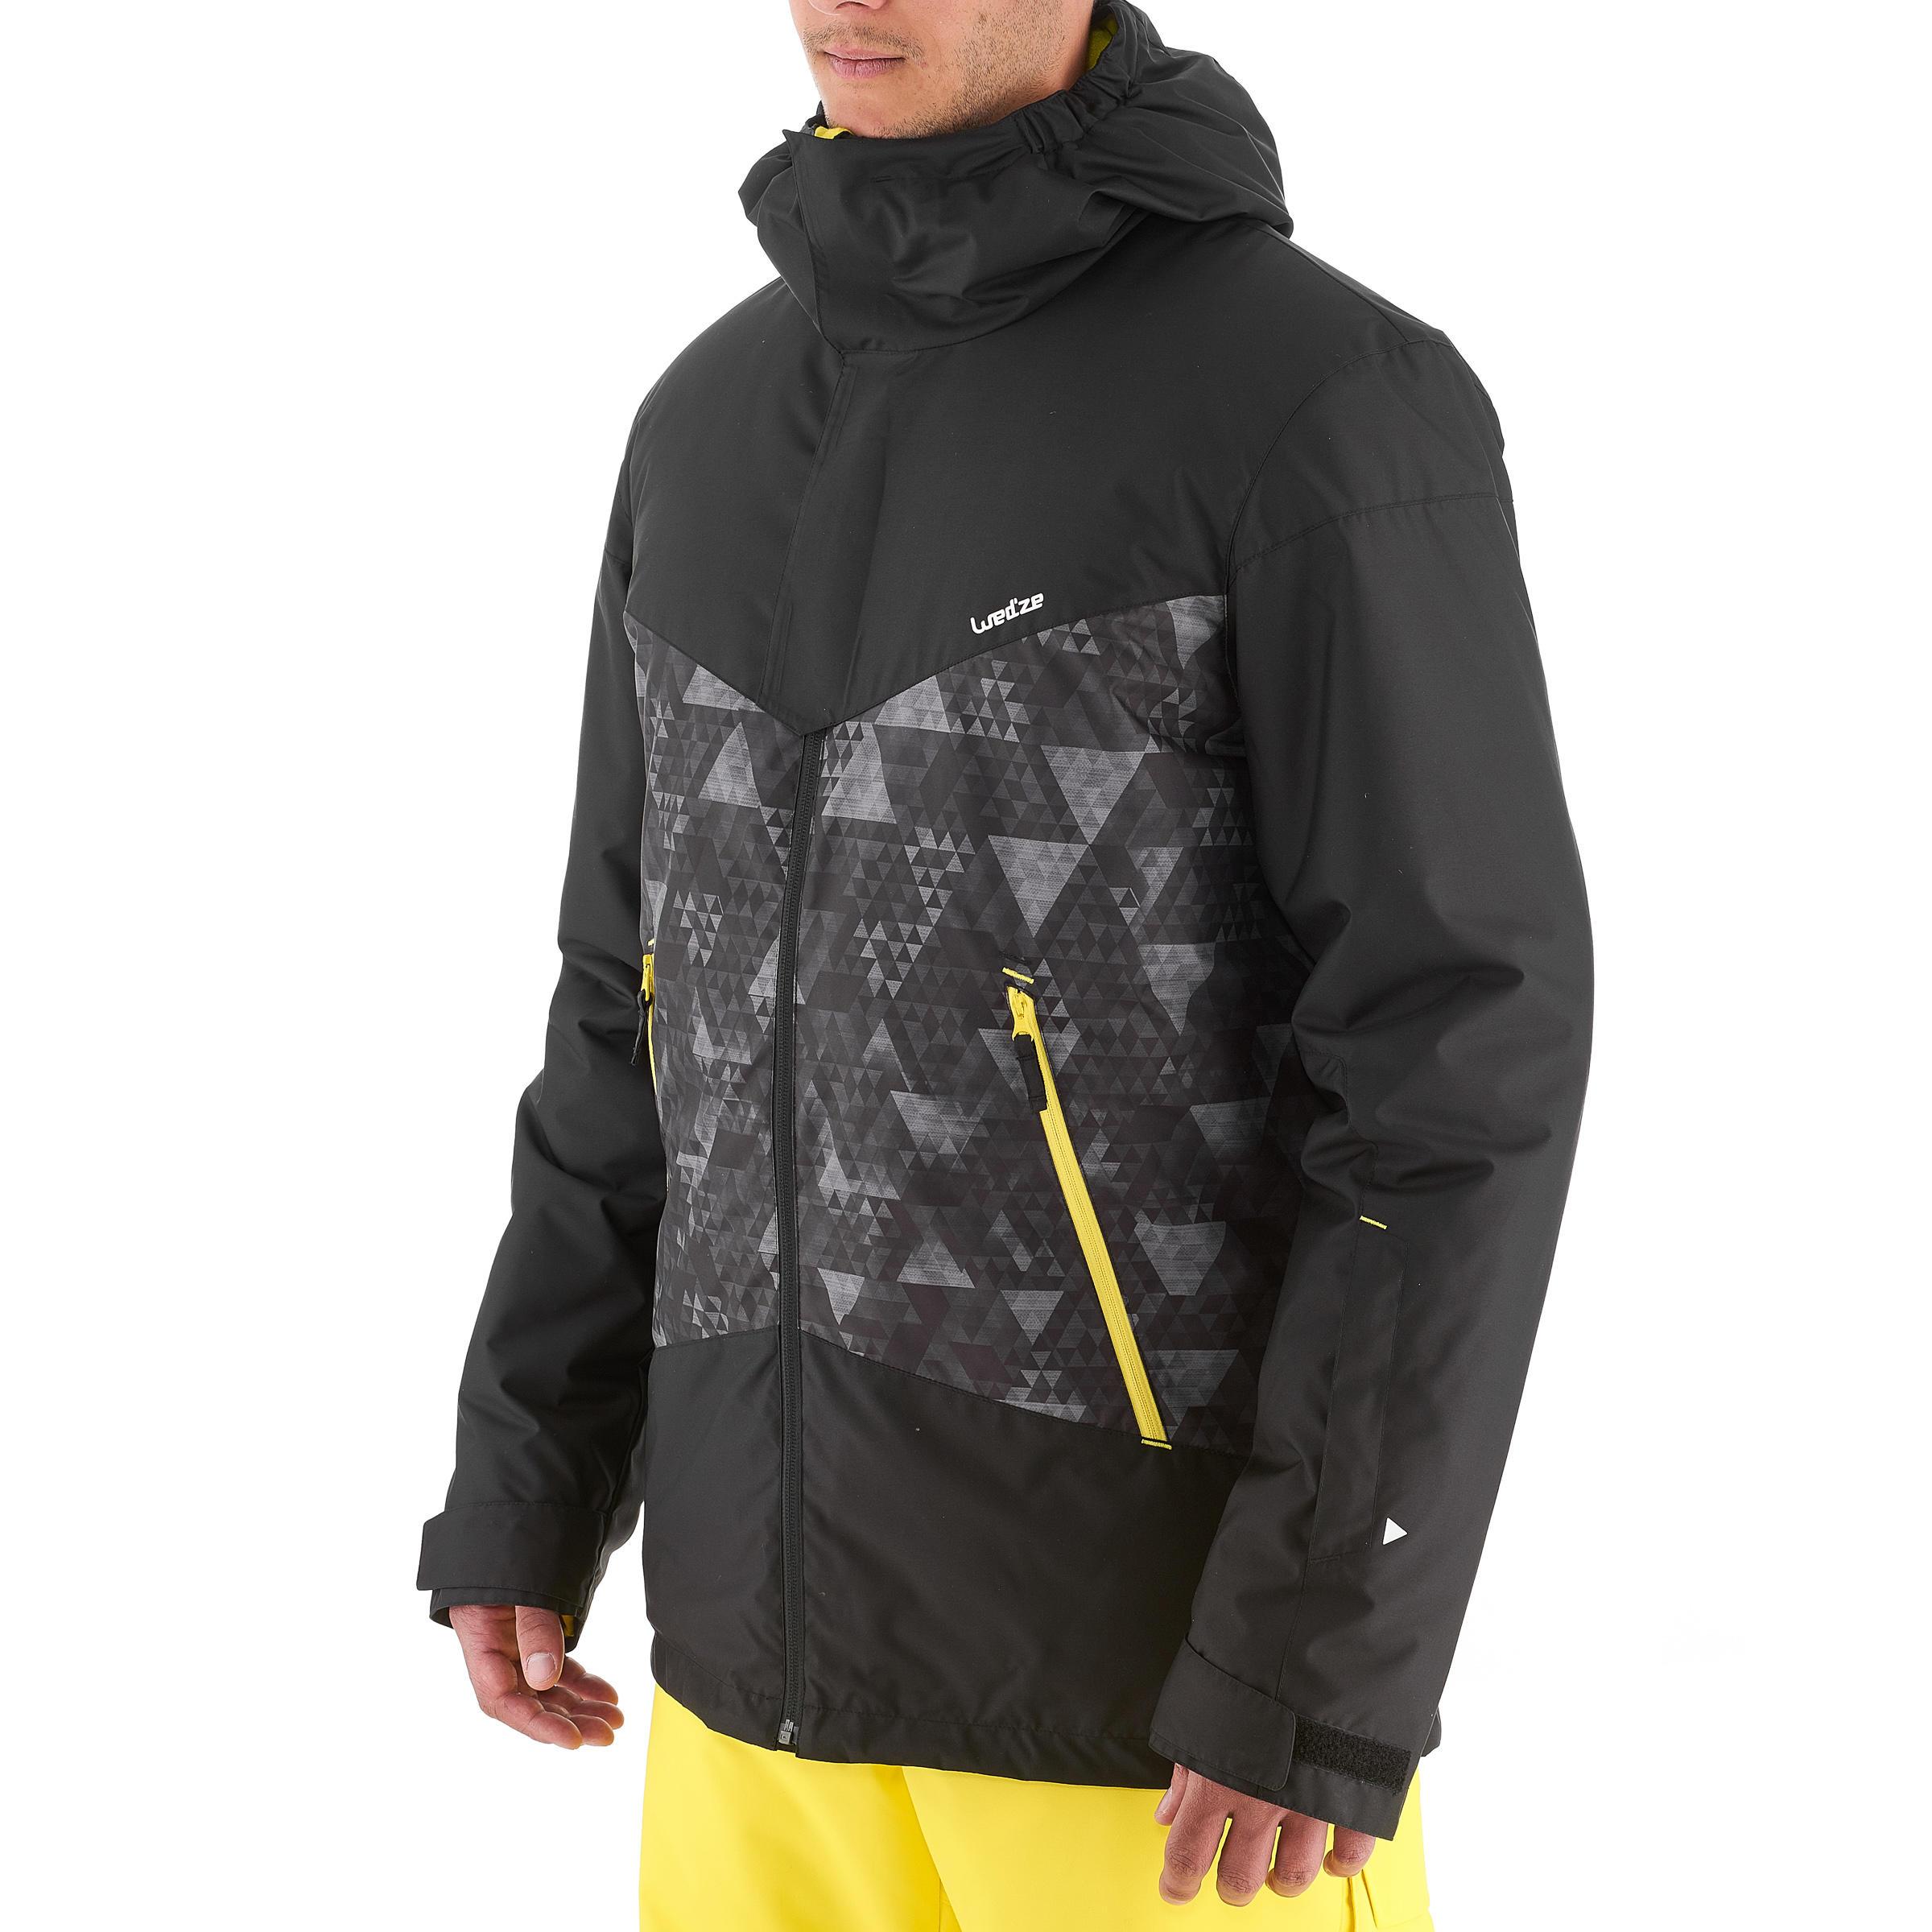 50e8646a8e205 manteau-de-ski-de-piste-homme-ski-p-jkt-150-noir.jpg